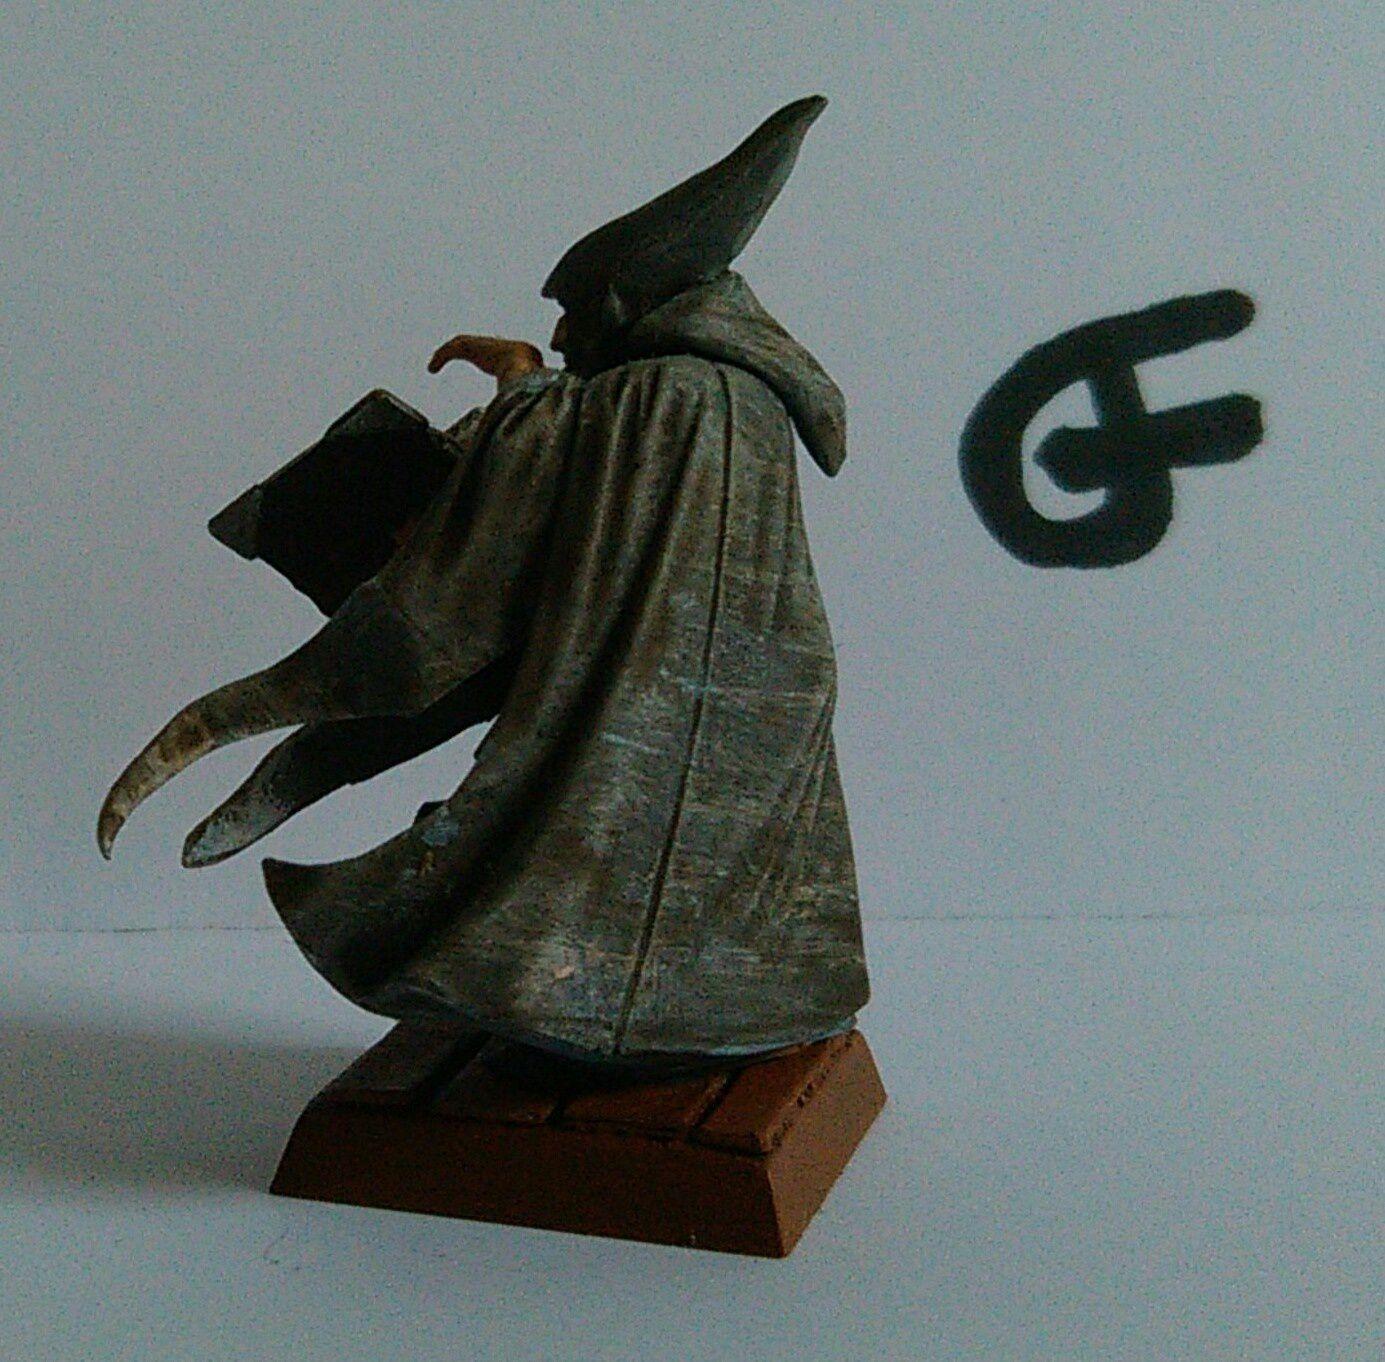 Un mage gris, le collège idéal pour accompagner les pirates. Une fig sur laquelle j'avais passé un peu de temps de peinture, elle avait meme gagné un prix dans un concours en ligne de peinture a l'époque (celui du Garage a Bitz)...